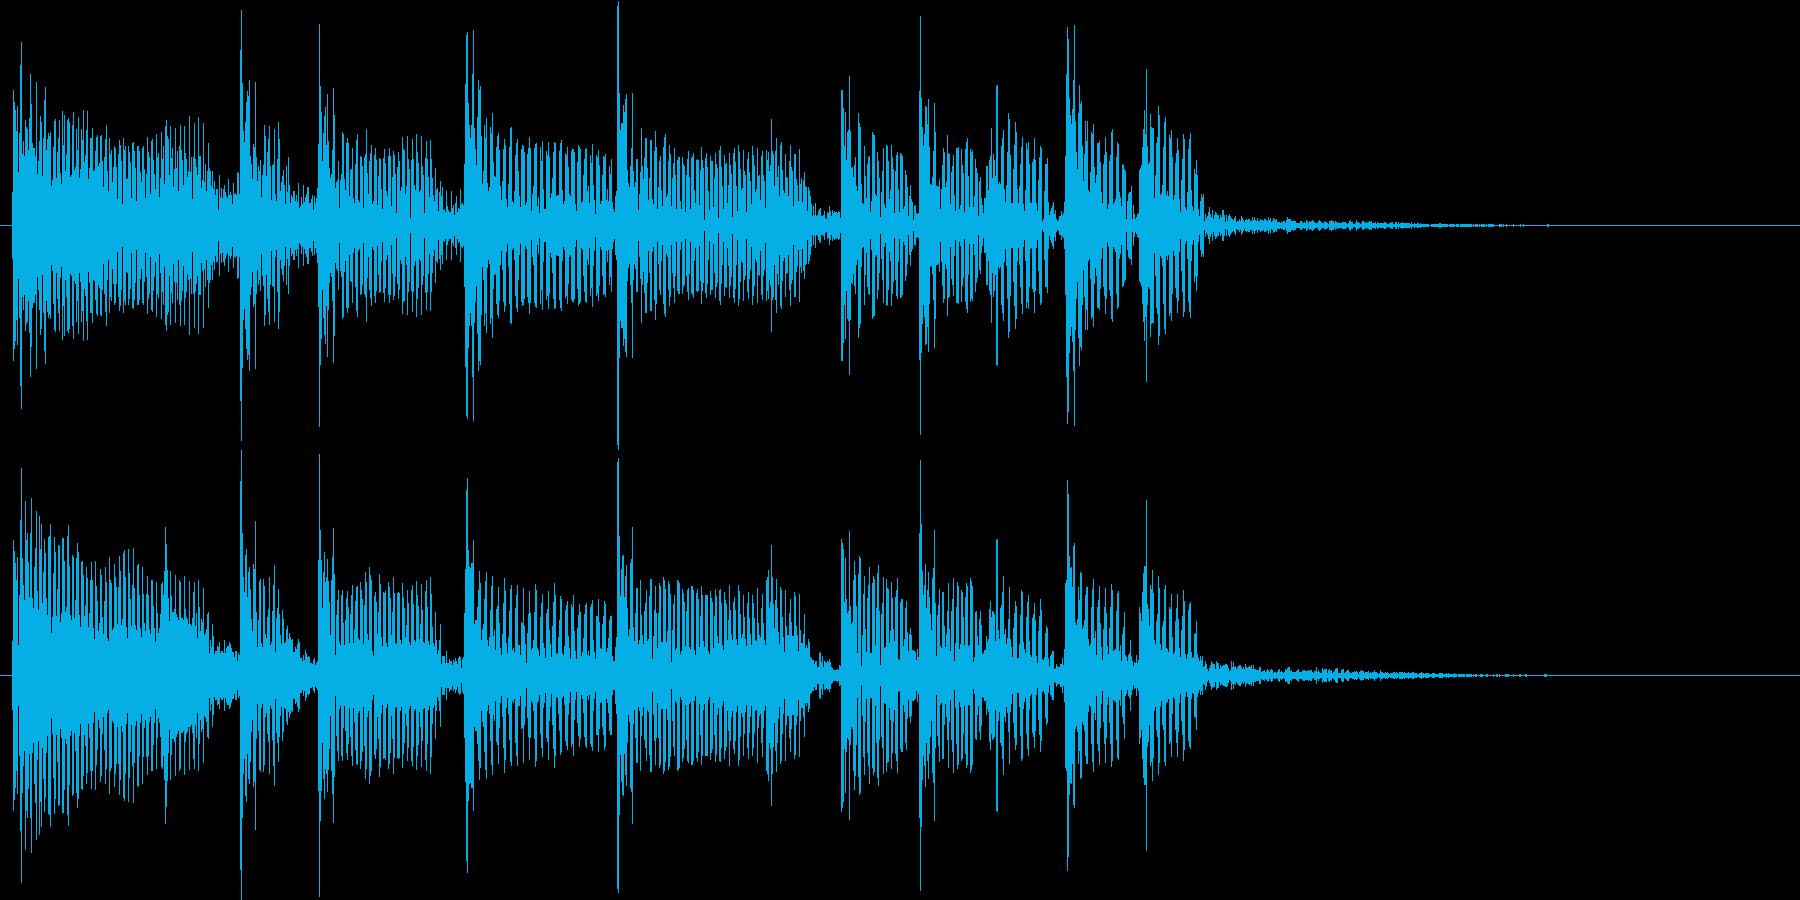 2小節ジングル05 オールディーズ1の再生済みの波形